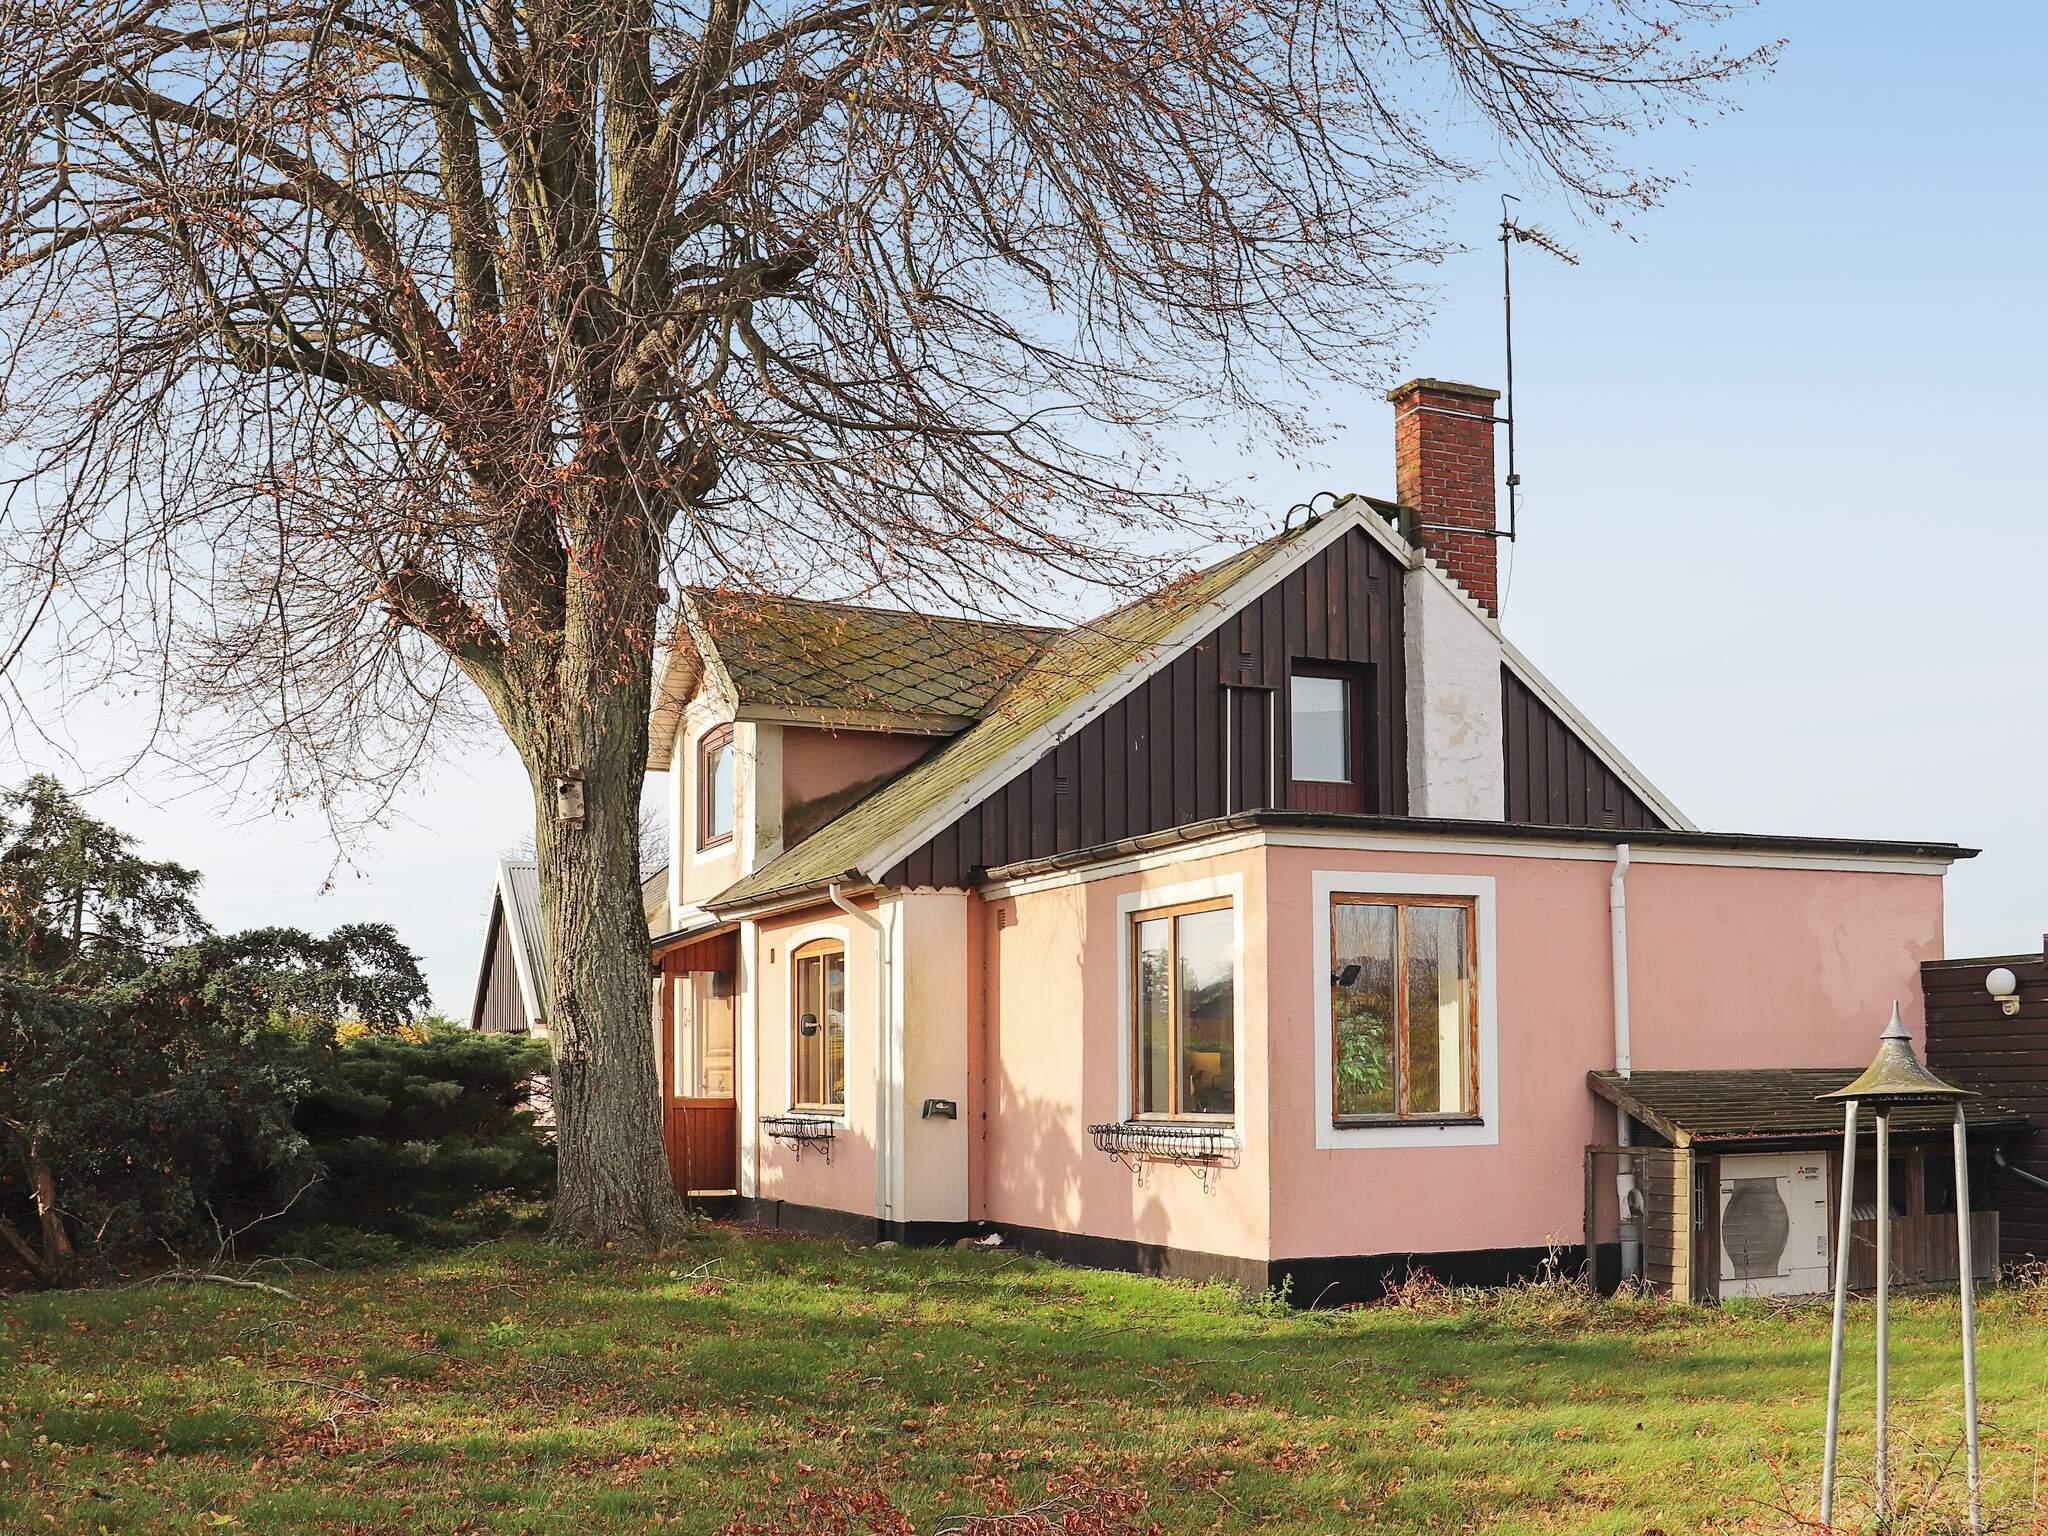 Ferienhaus Simrishamn (2701533), Simrishamn, Skane län, Südschweden, Schweden, Bild 1